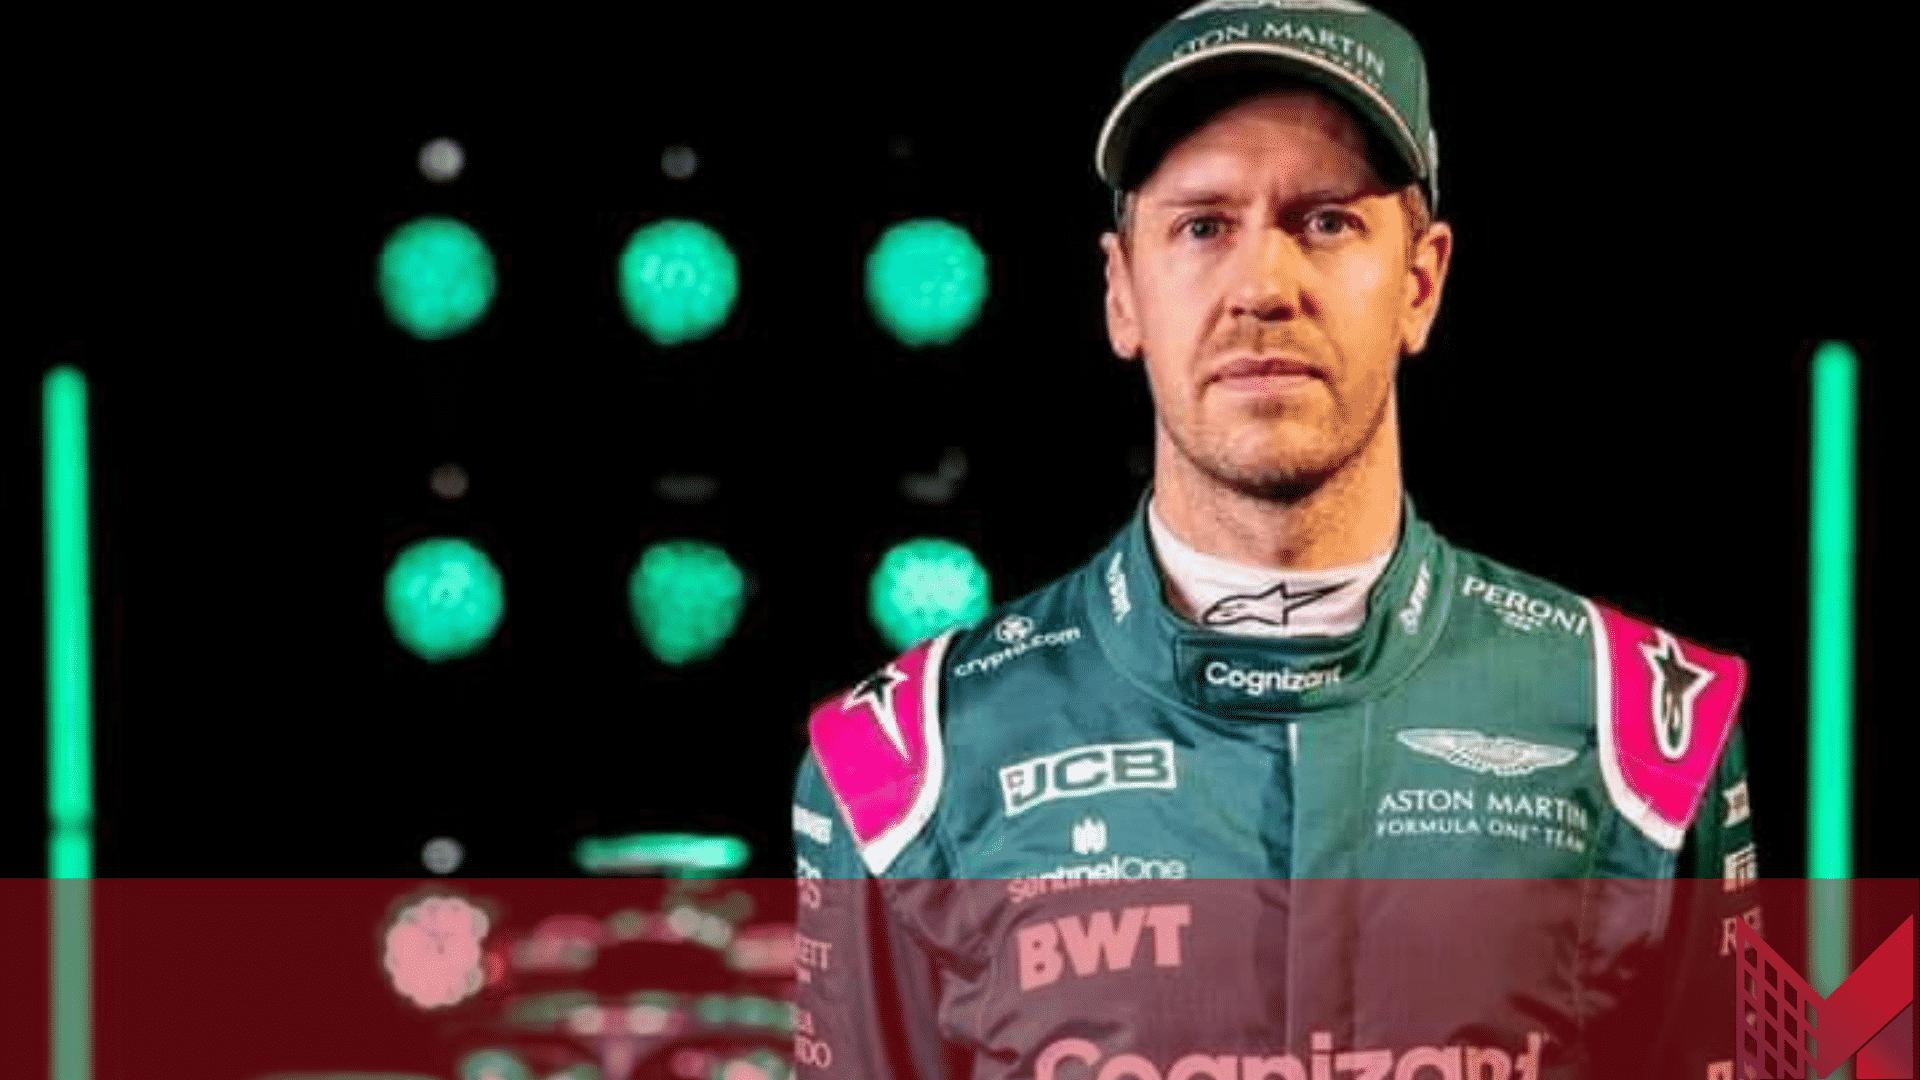 Sebastian Vettel (Pagina Ufficiale Facebook Sebastian Vettel)